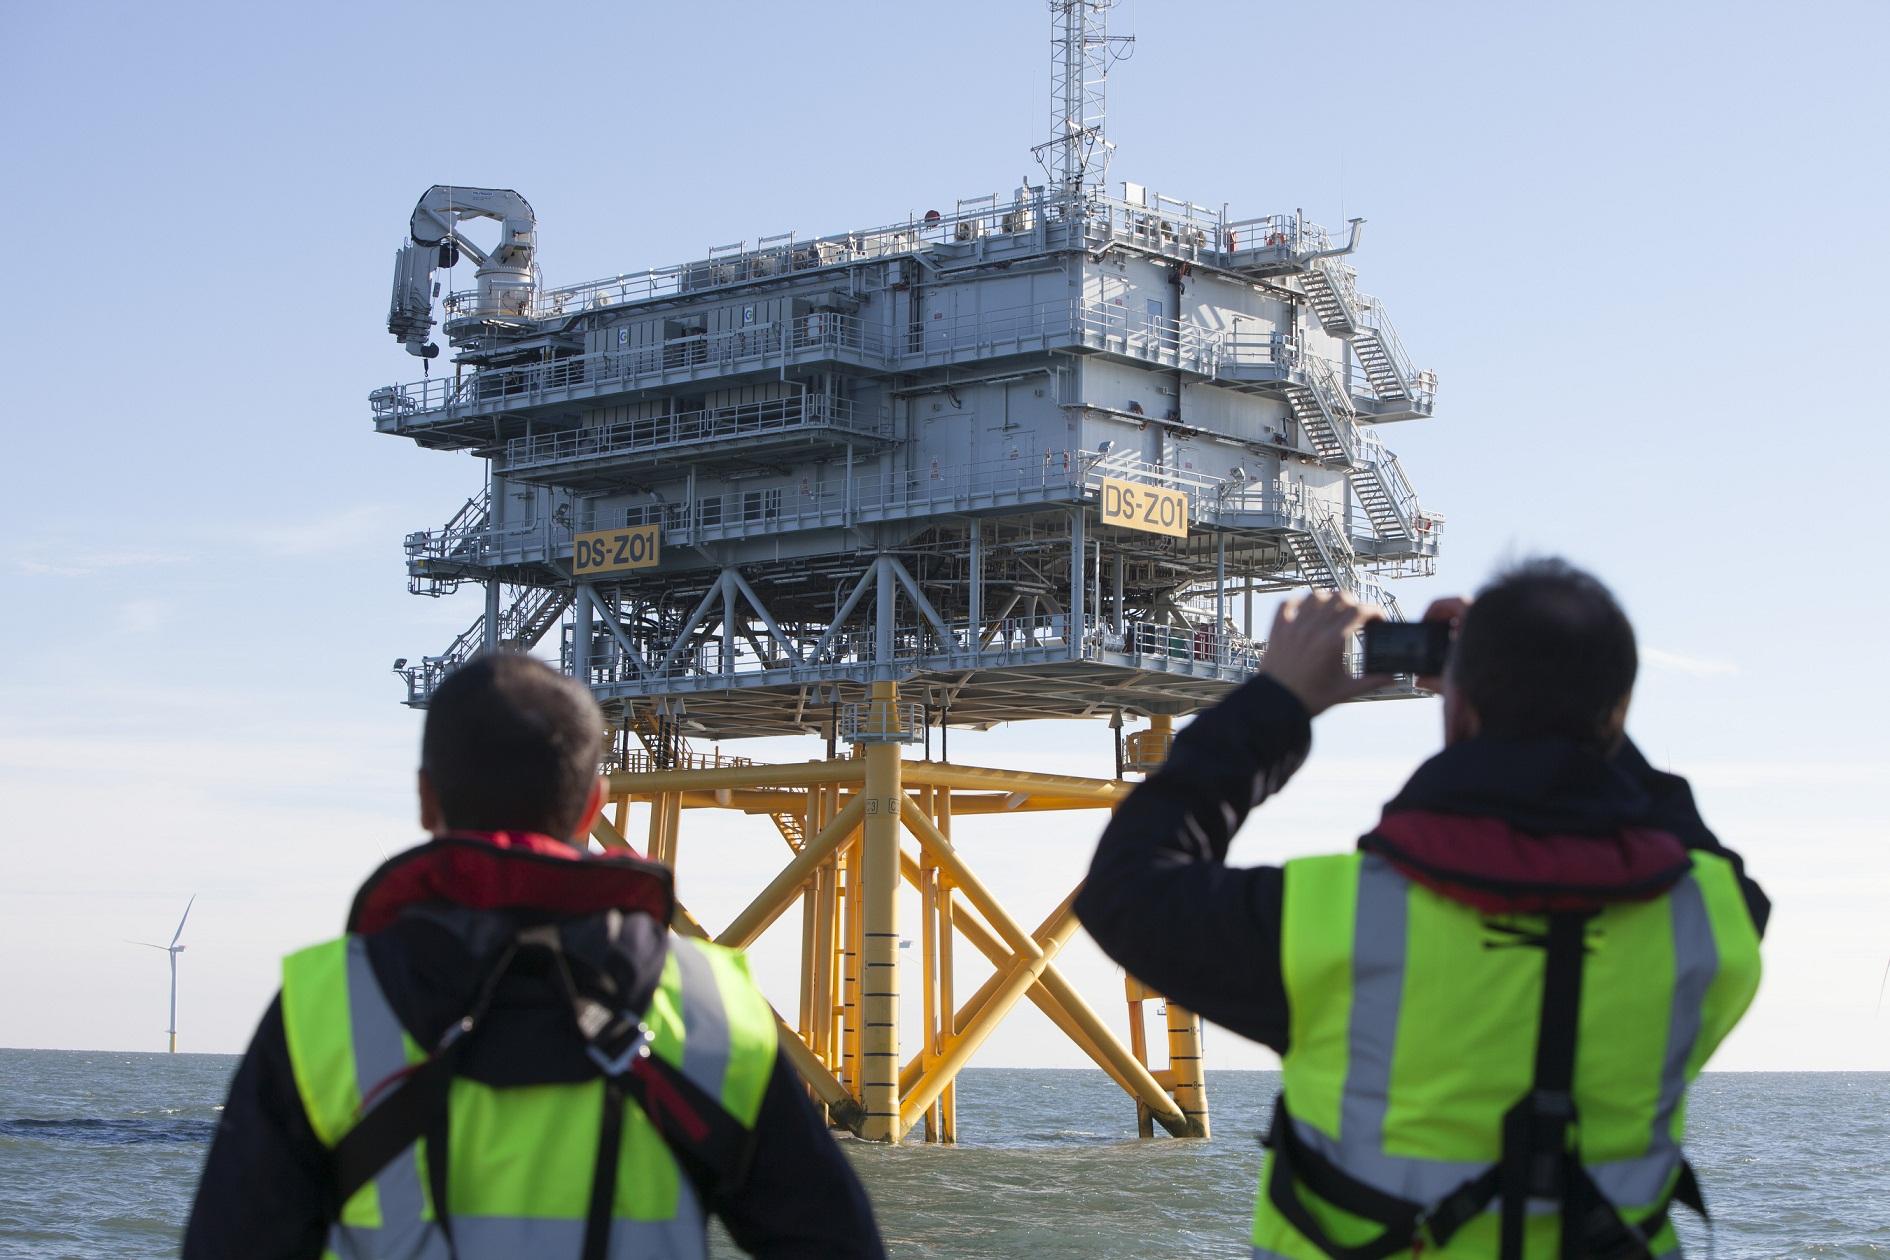 IBERDROLA adjudica a Navantia contratos por 160 millones € para su parque eólico marino alemán Wikinger